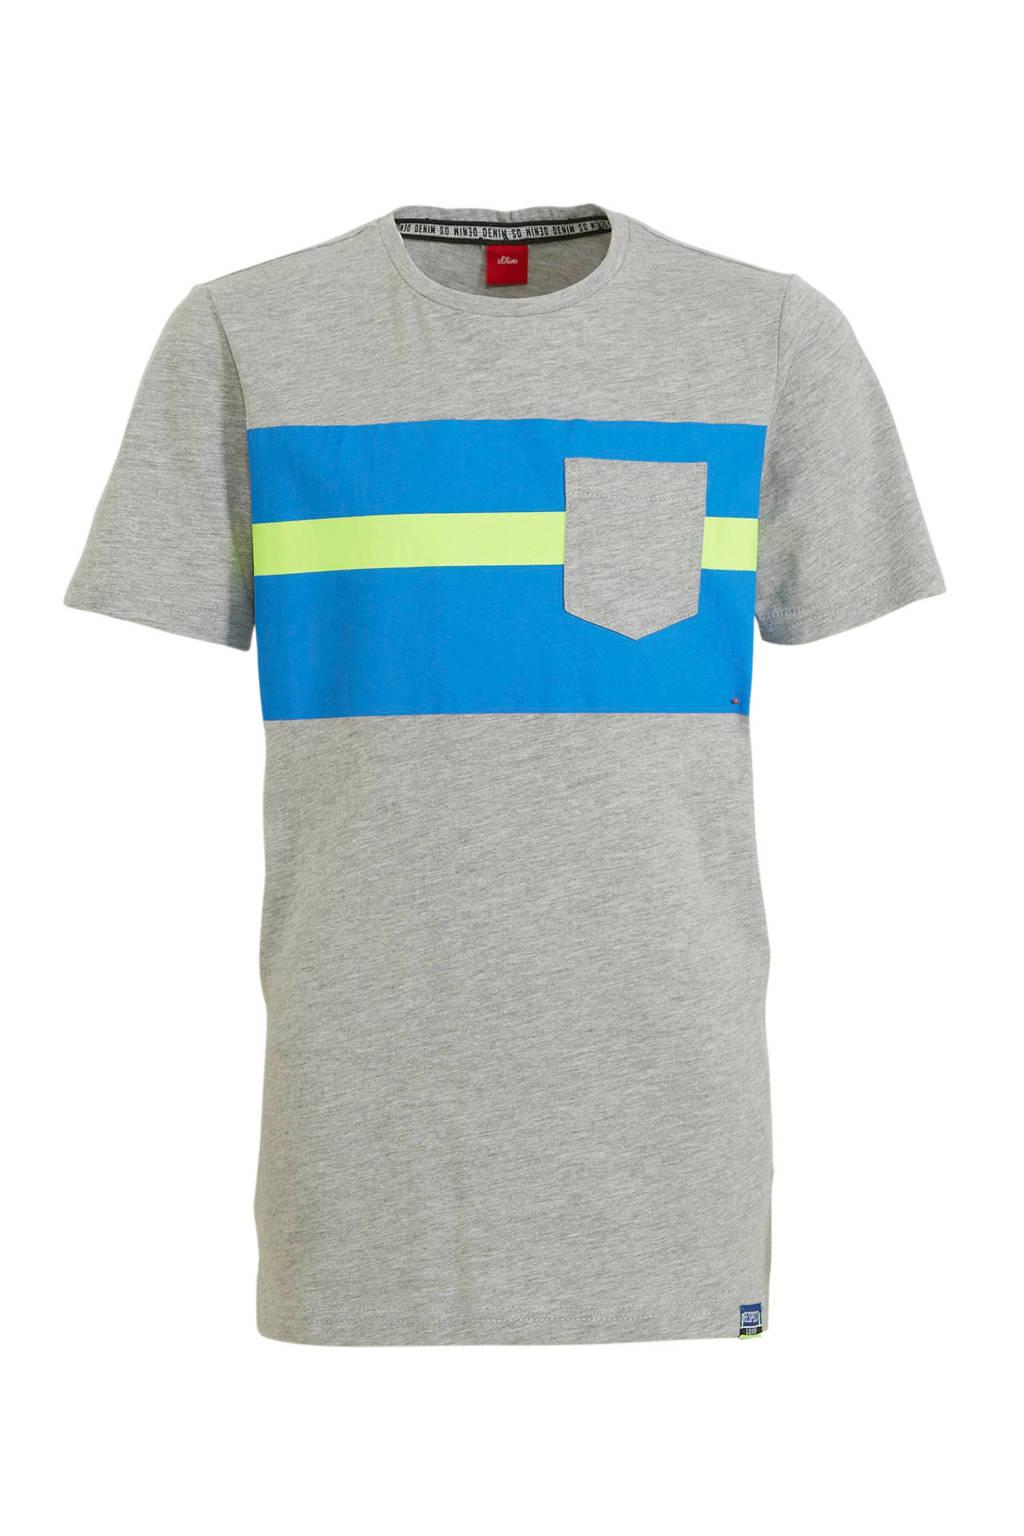 s.Oliver T-shirt grijs/blauw/groen, Grijs/blauw/groen